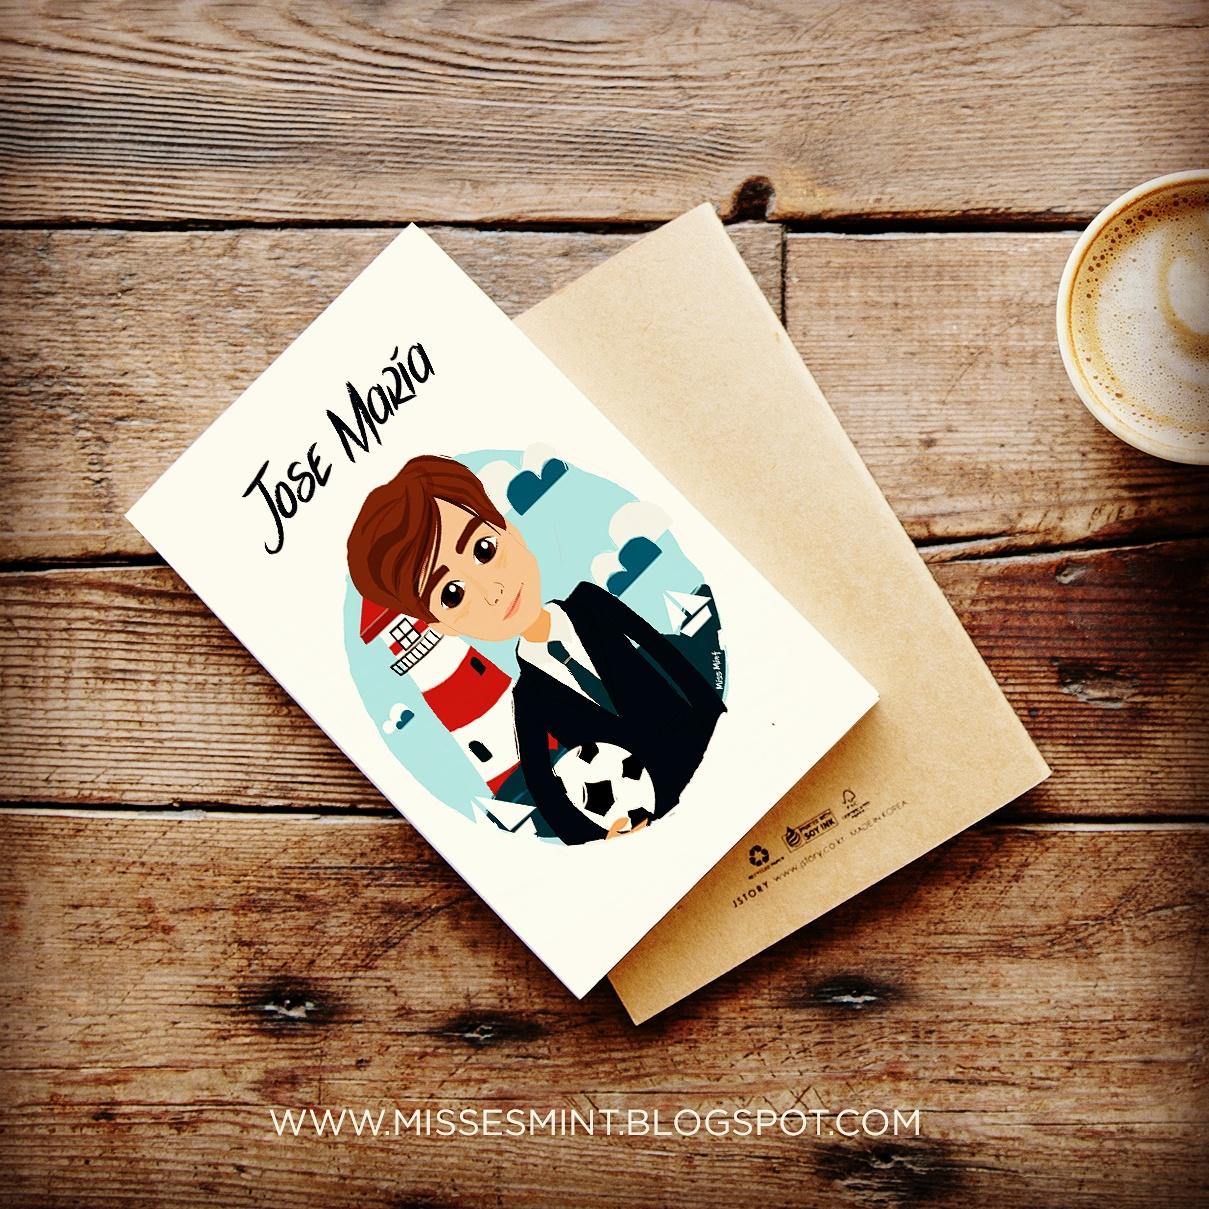 ilustraciones personalizadas recordatorios primera comunión miss mint